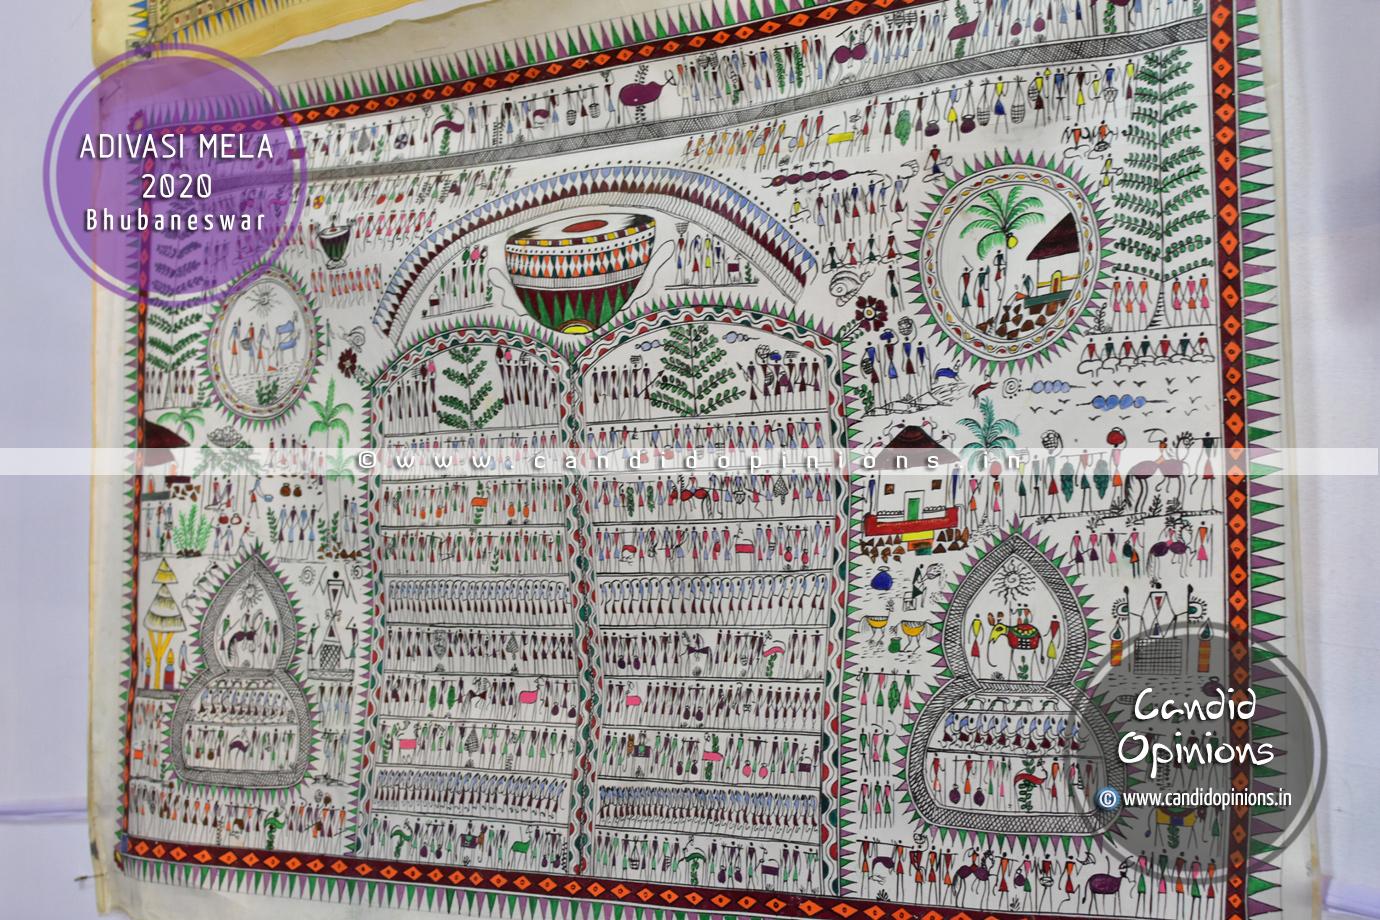 Saura Painting, Adivashi Mela 2020, Bhubaneswar